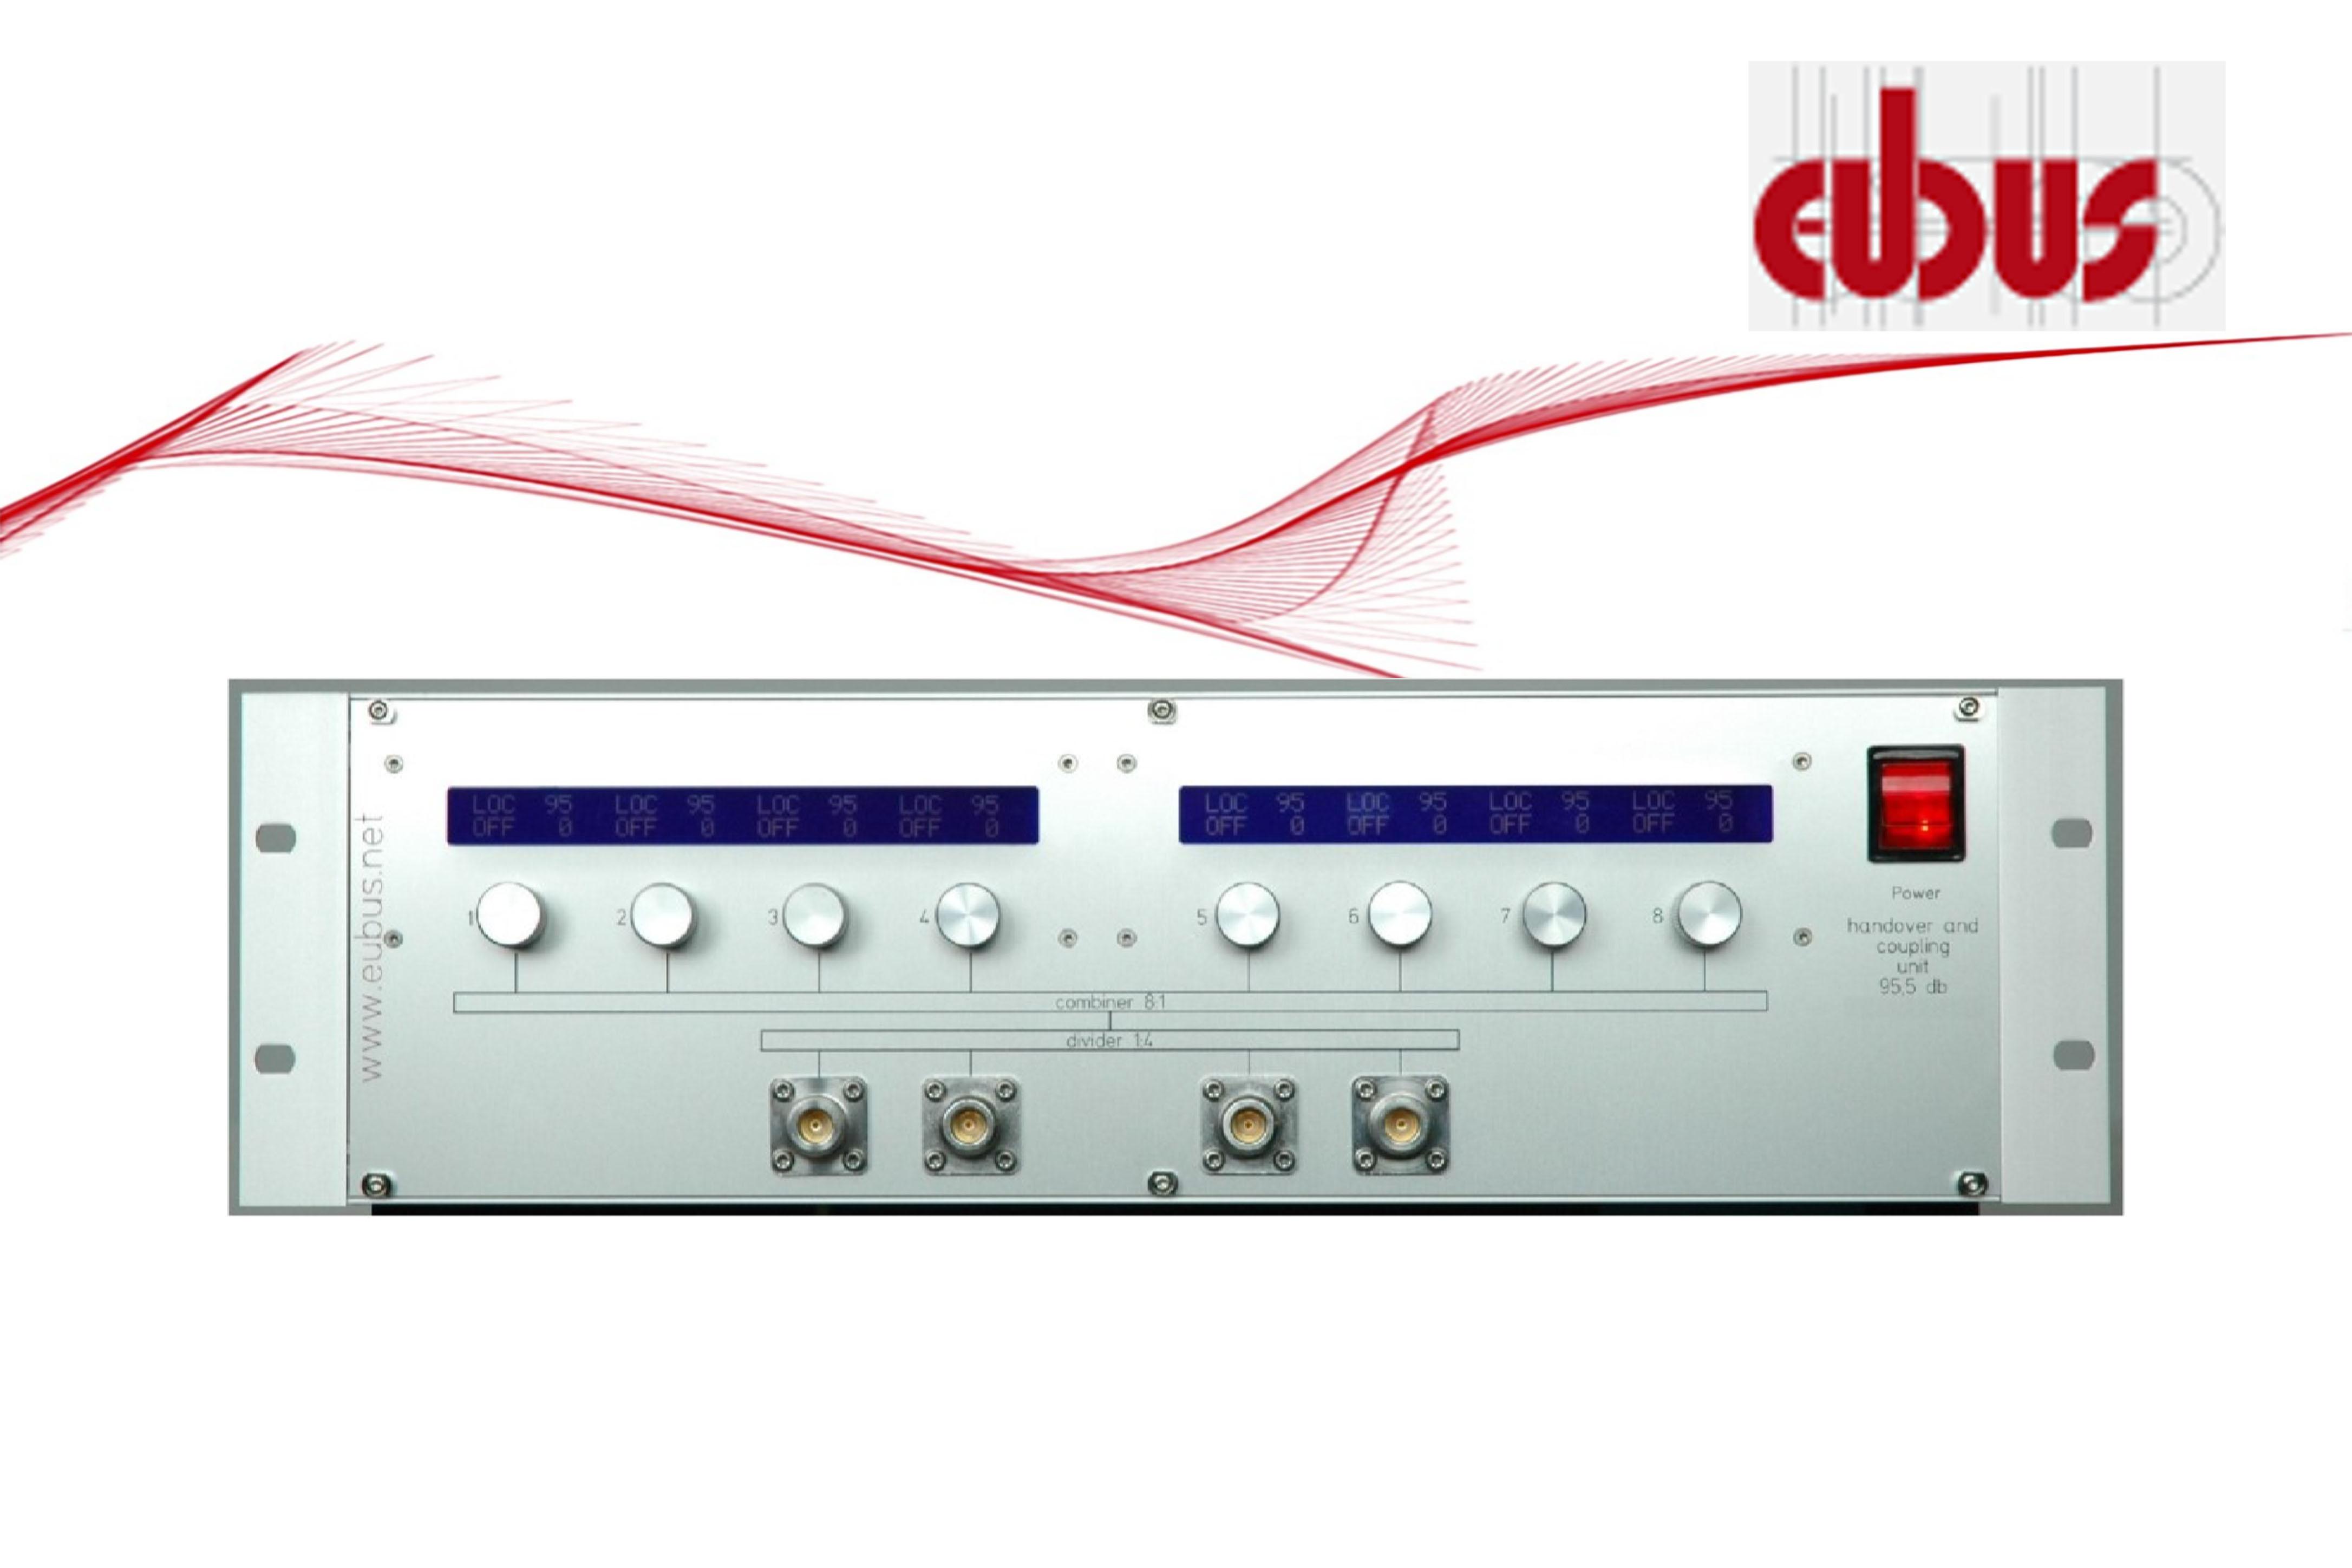 Eubus HCU 4 矩阵型多通路衰减器< 6dB (1GHz), <7.5dB (6GHz)